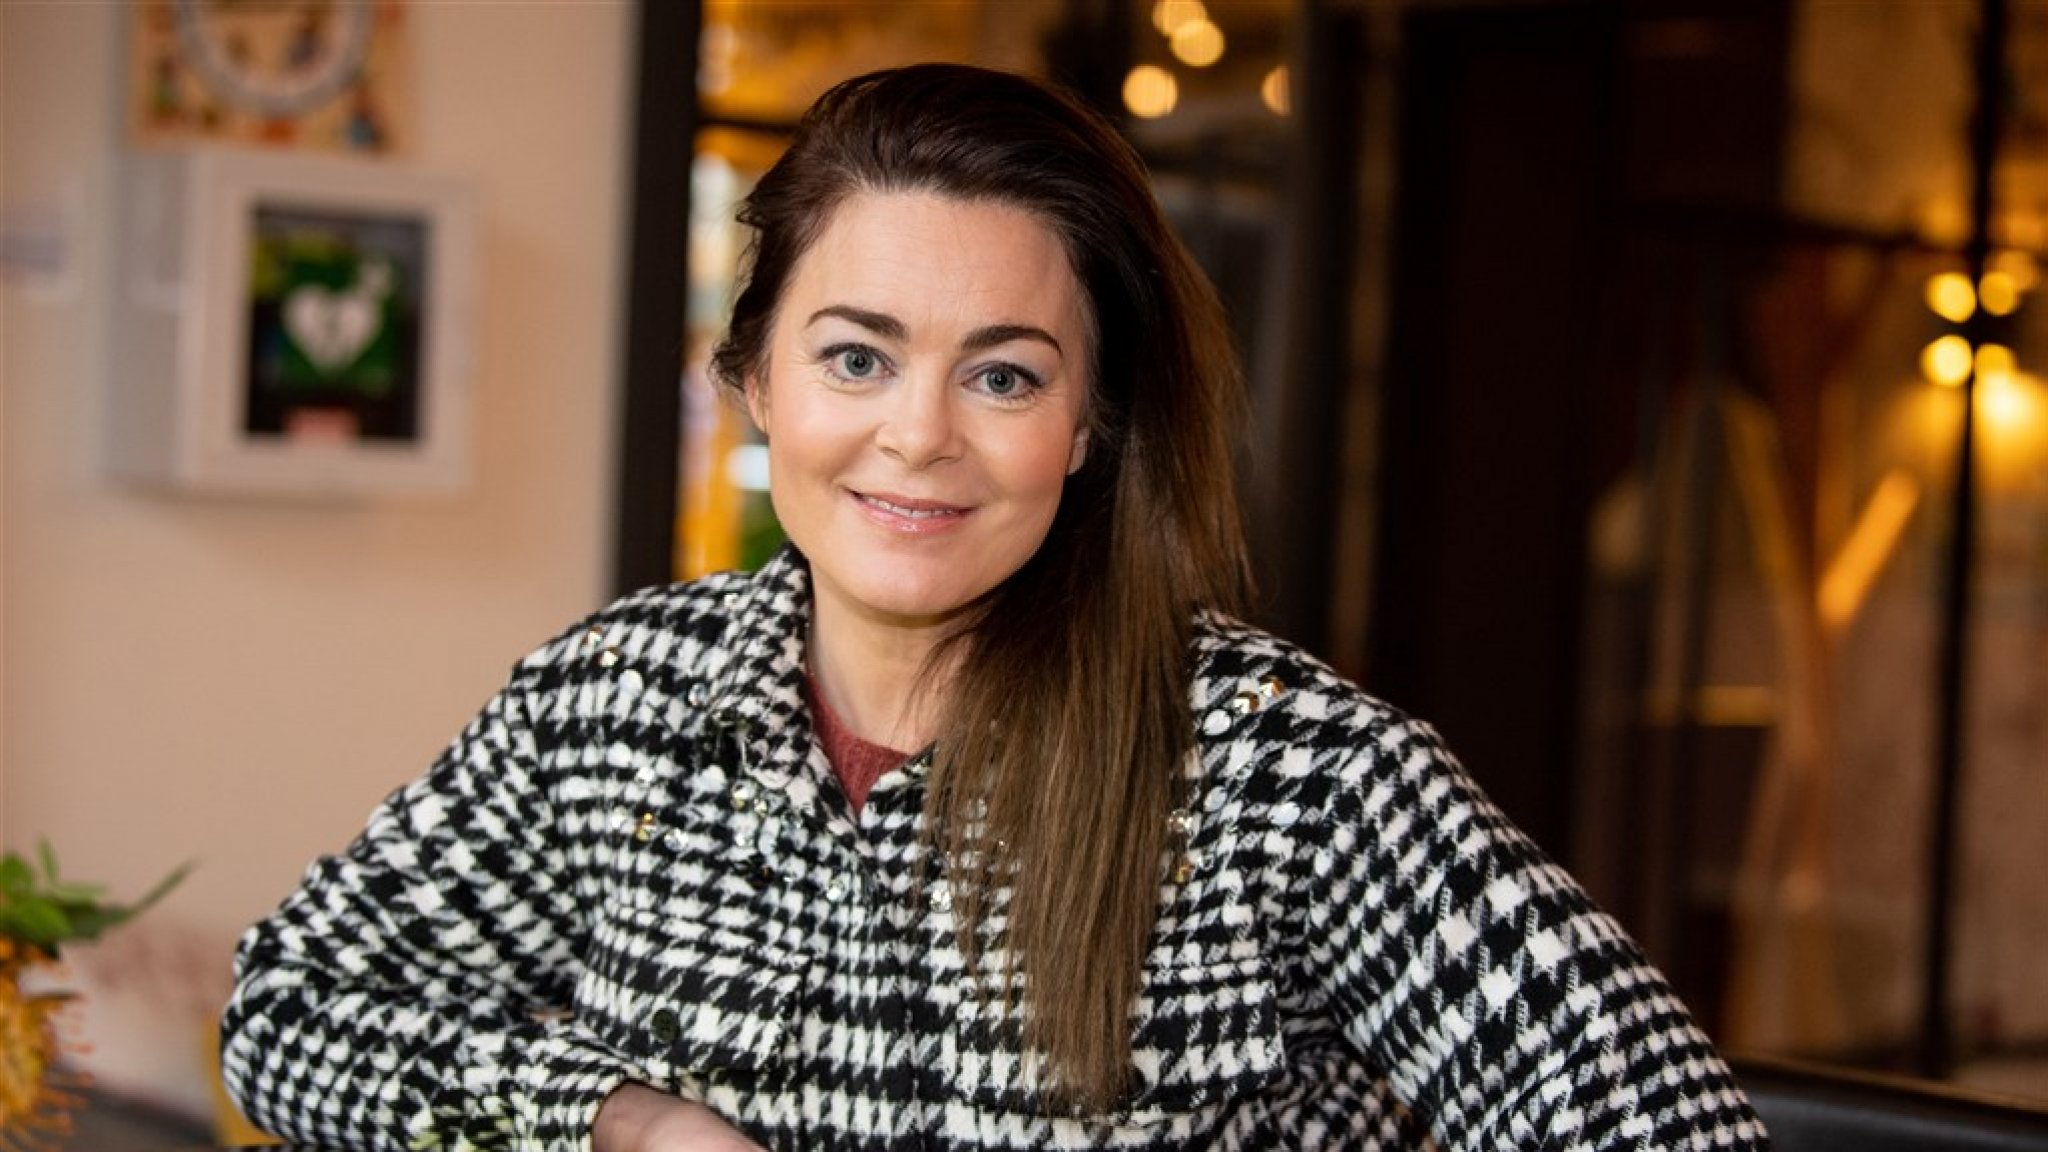 Kim-Lian van der Meij opgenomen in het ziekenhuis - RTL Nieuws